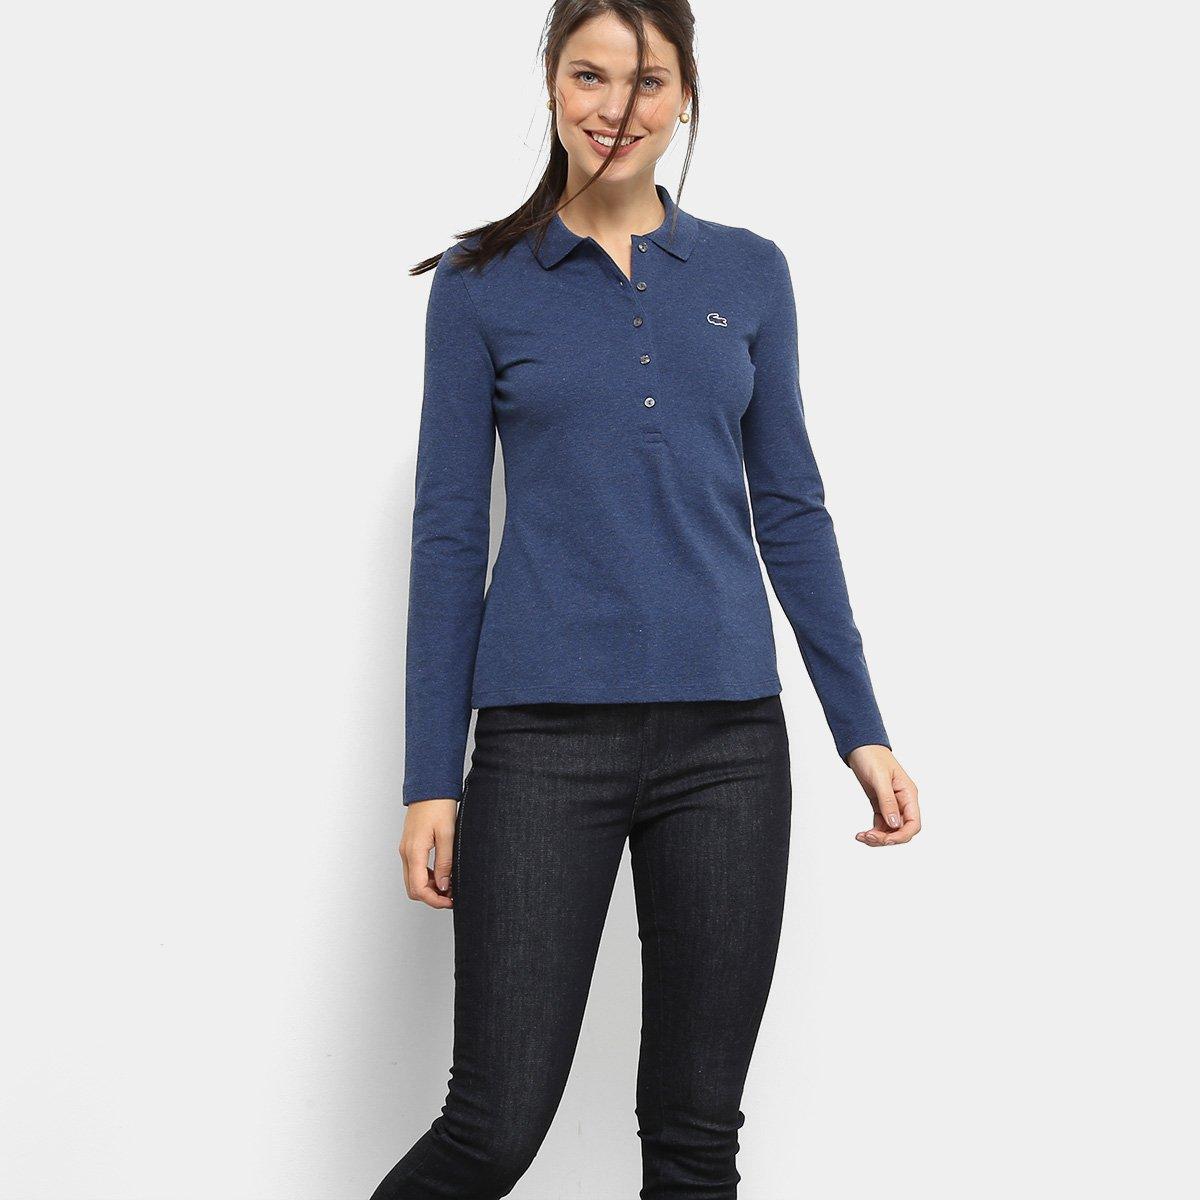 Camisa Polo Lacoste Manga Longa Botões Feminina - Compre Agora ... 457949825d55a